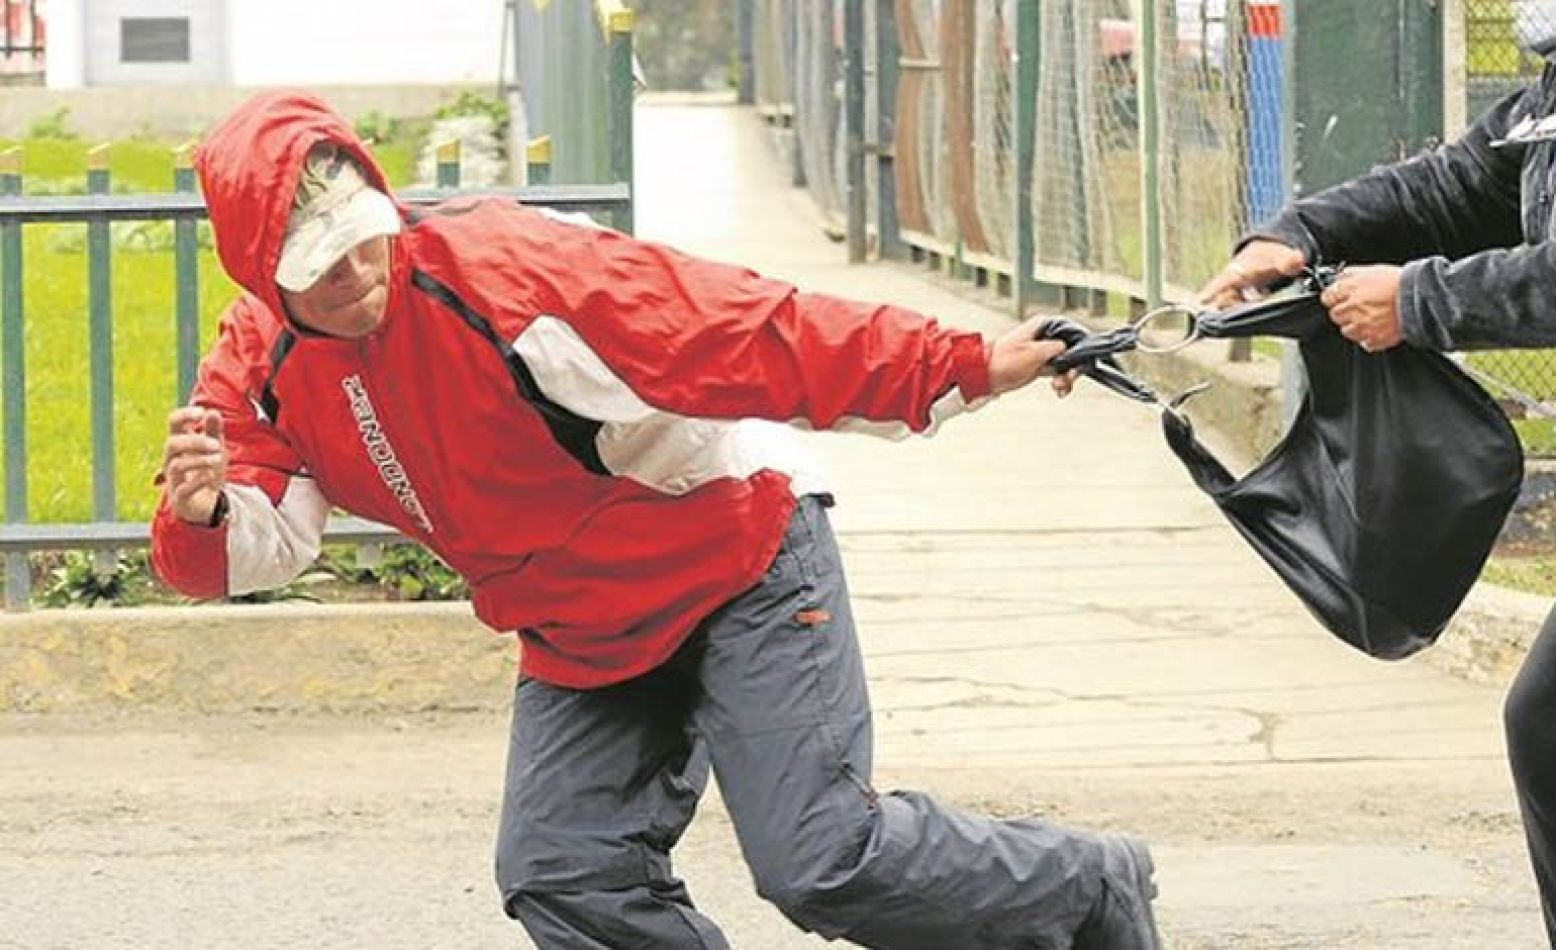 motochorros-le-robaron-15-mil-pesos-a-una-feriante